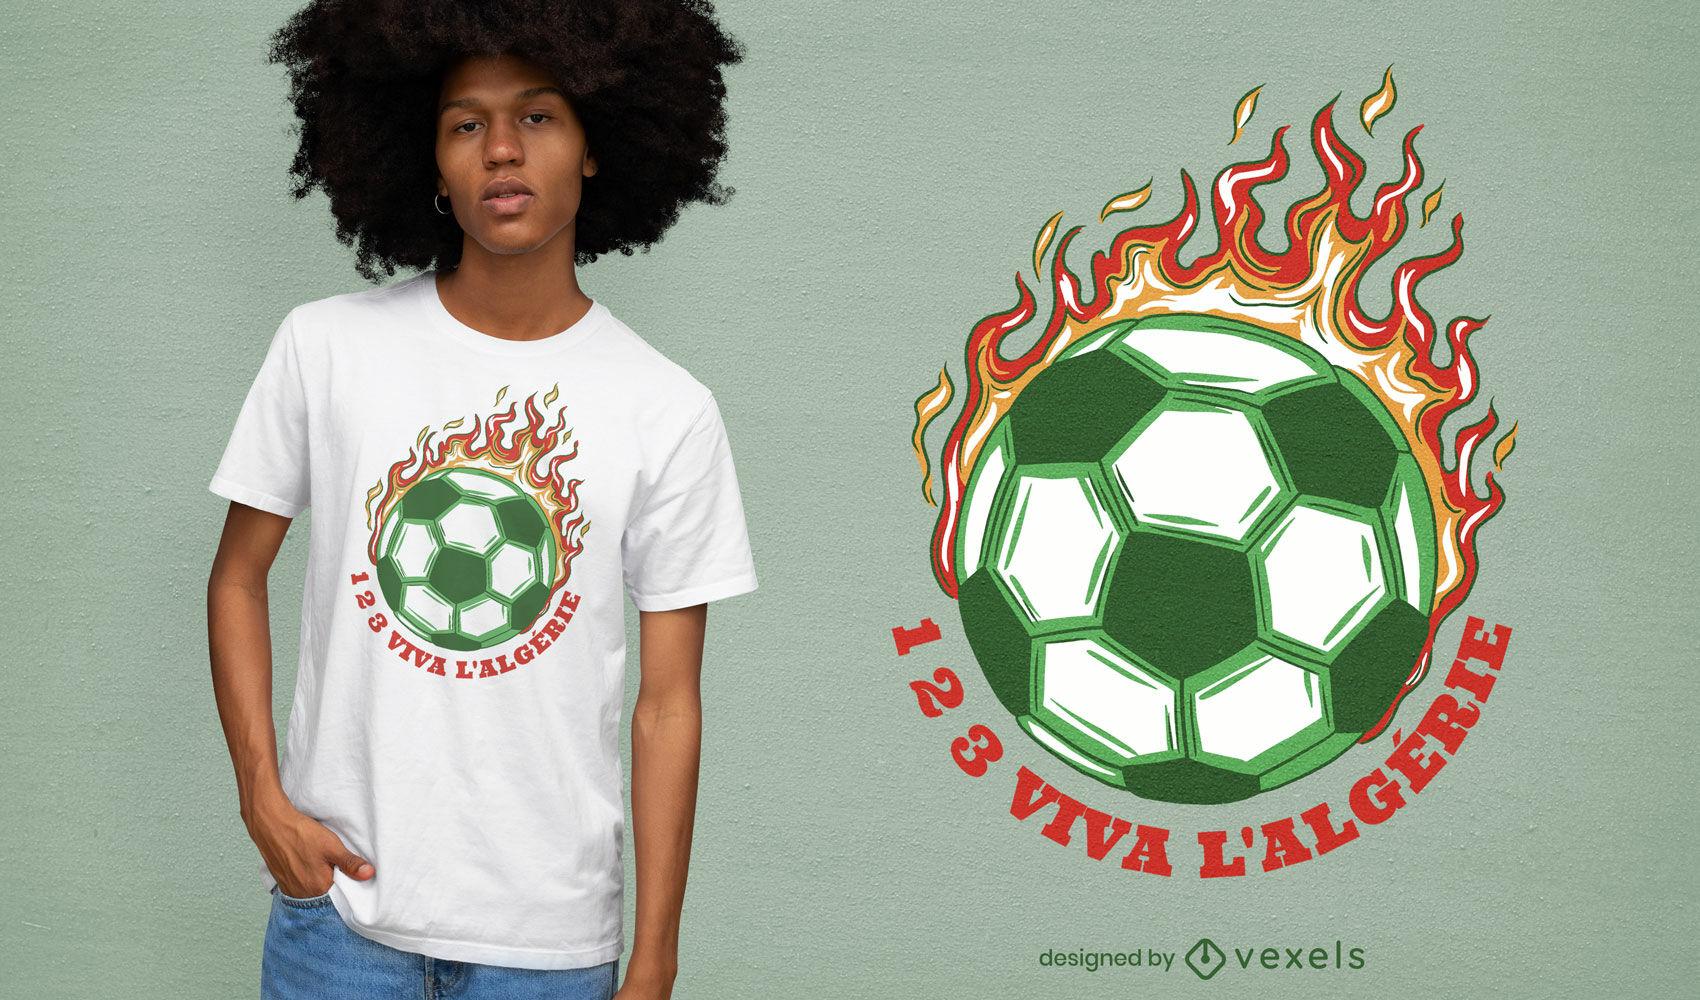 ANFRAGE Fantastisches Fußball-T-Shirt-Design